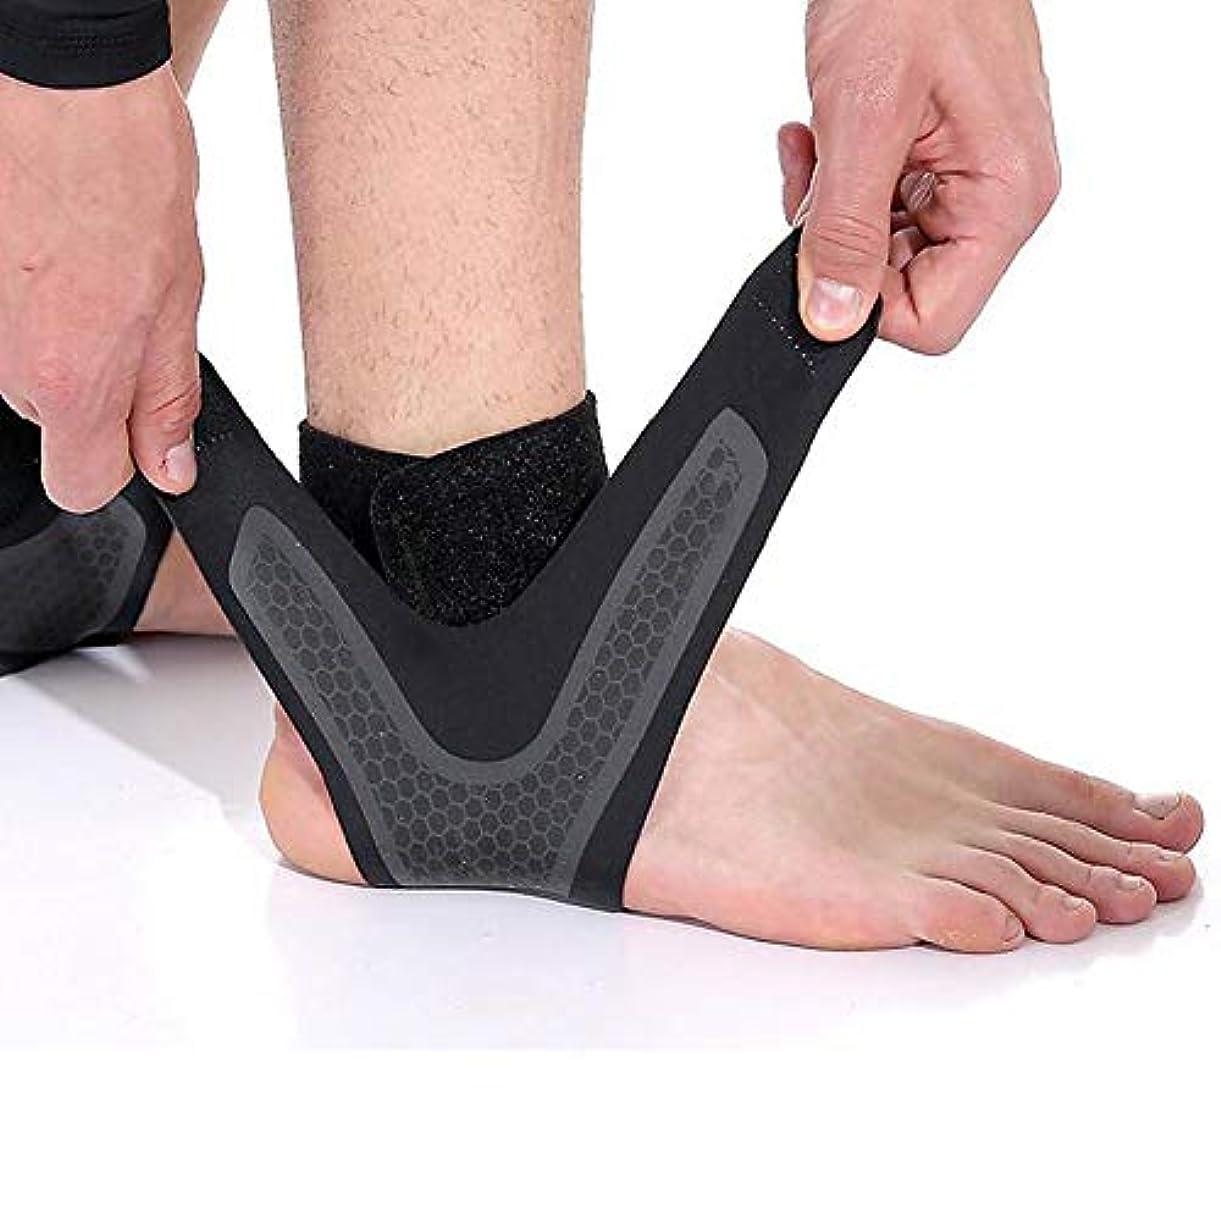 準備ができてあえてバンジョー足首スタビライザープロテクター圧縮調整可能な足首保護、サポート - 軽量で弾力性と 生地 - すべてのスポーツやジムに適しています。,M